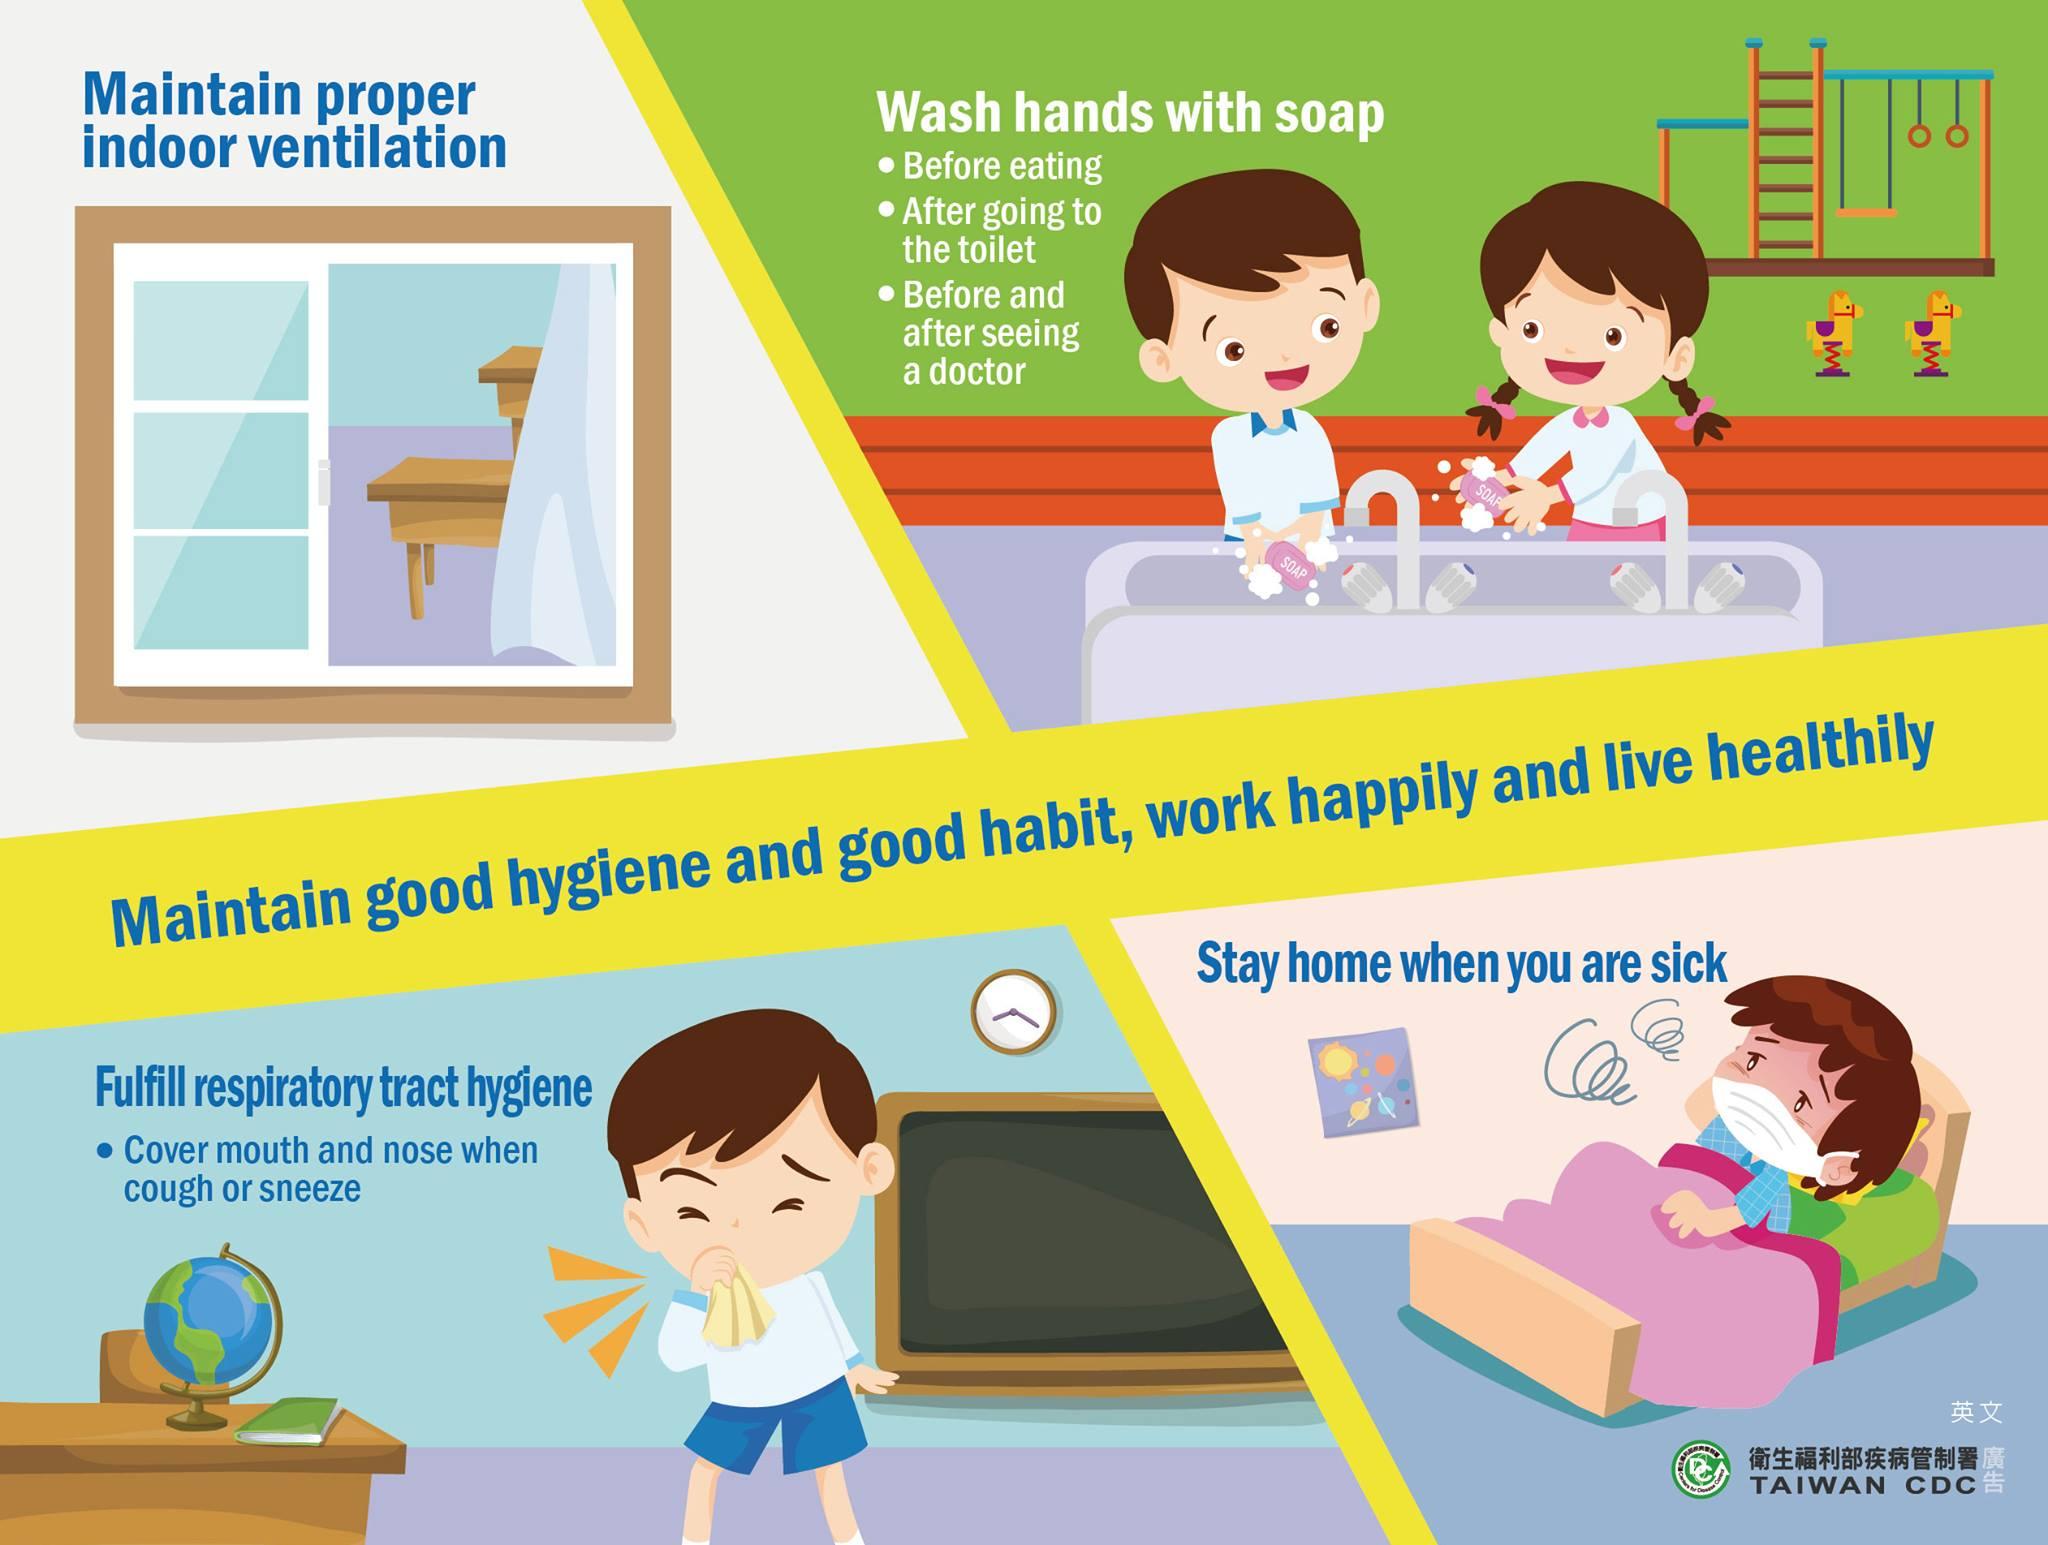 衛生福利部宣導保持衛生好習慣好防疫-英文